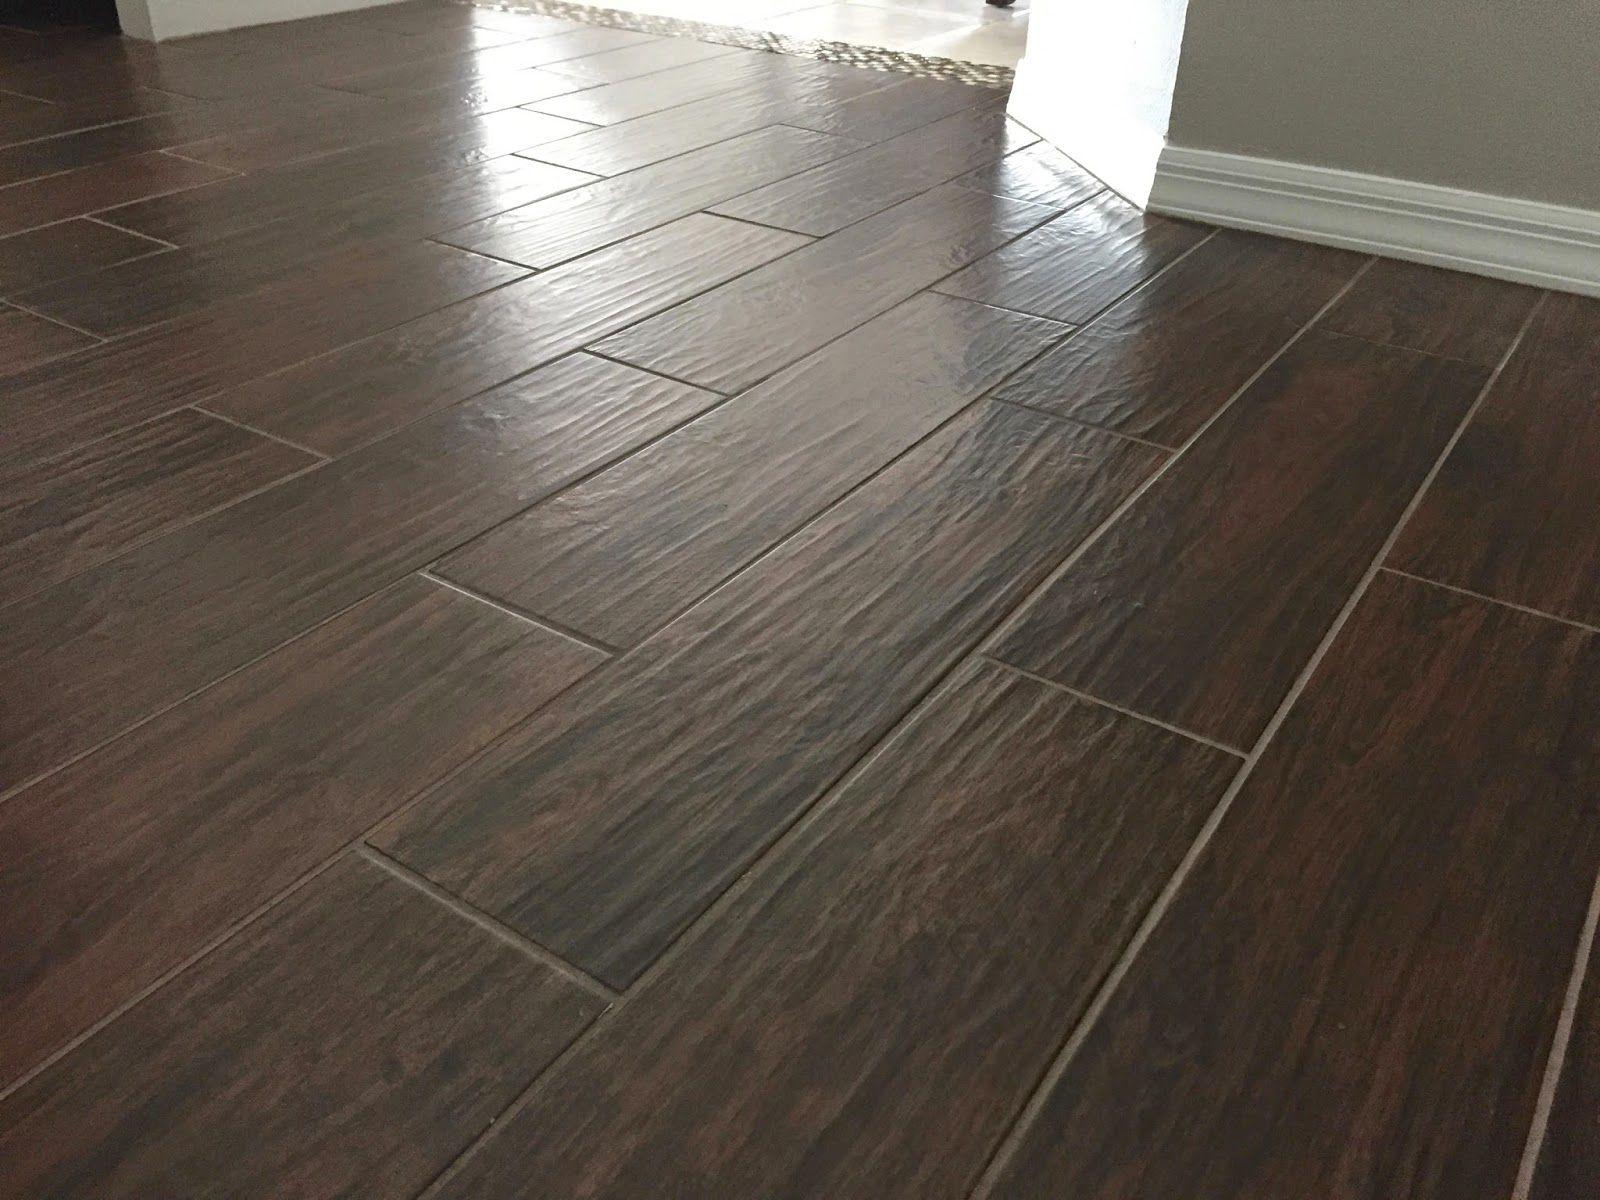 Wood Look Tile Aka Porcelain Plank Florida Tile